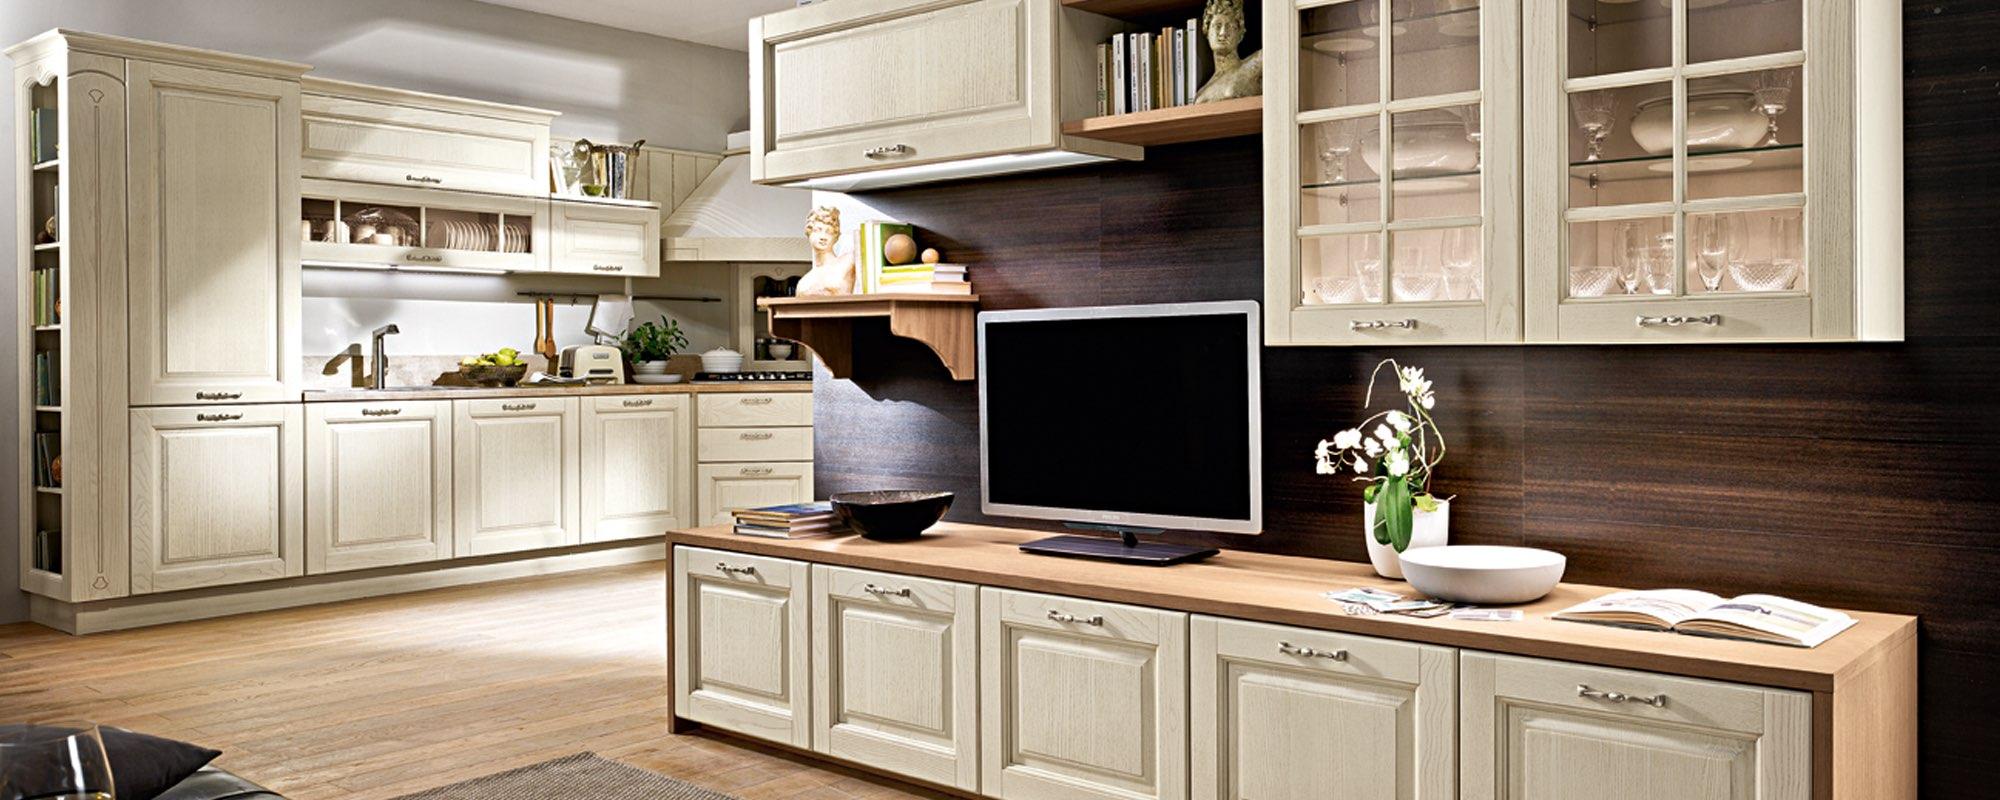 vista di una cucina stosa classica con televisione su un bancone e arredamenti -Bolgheri